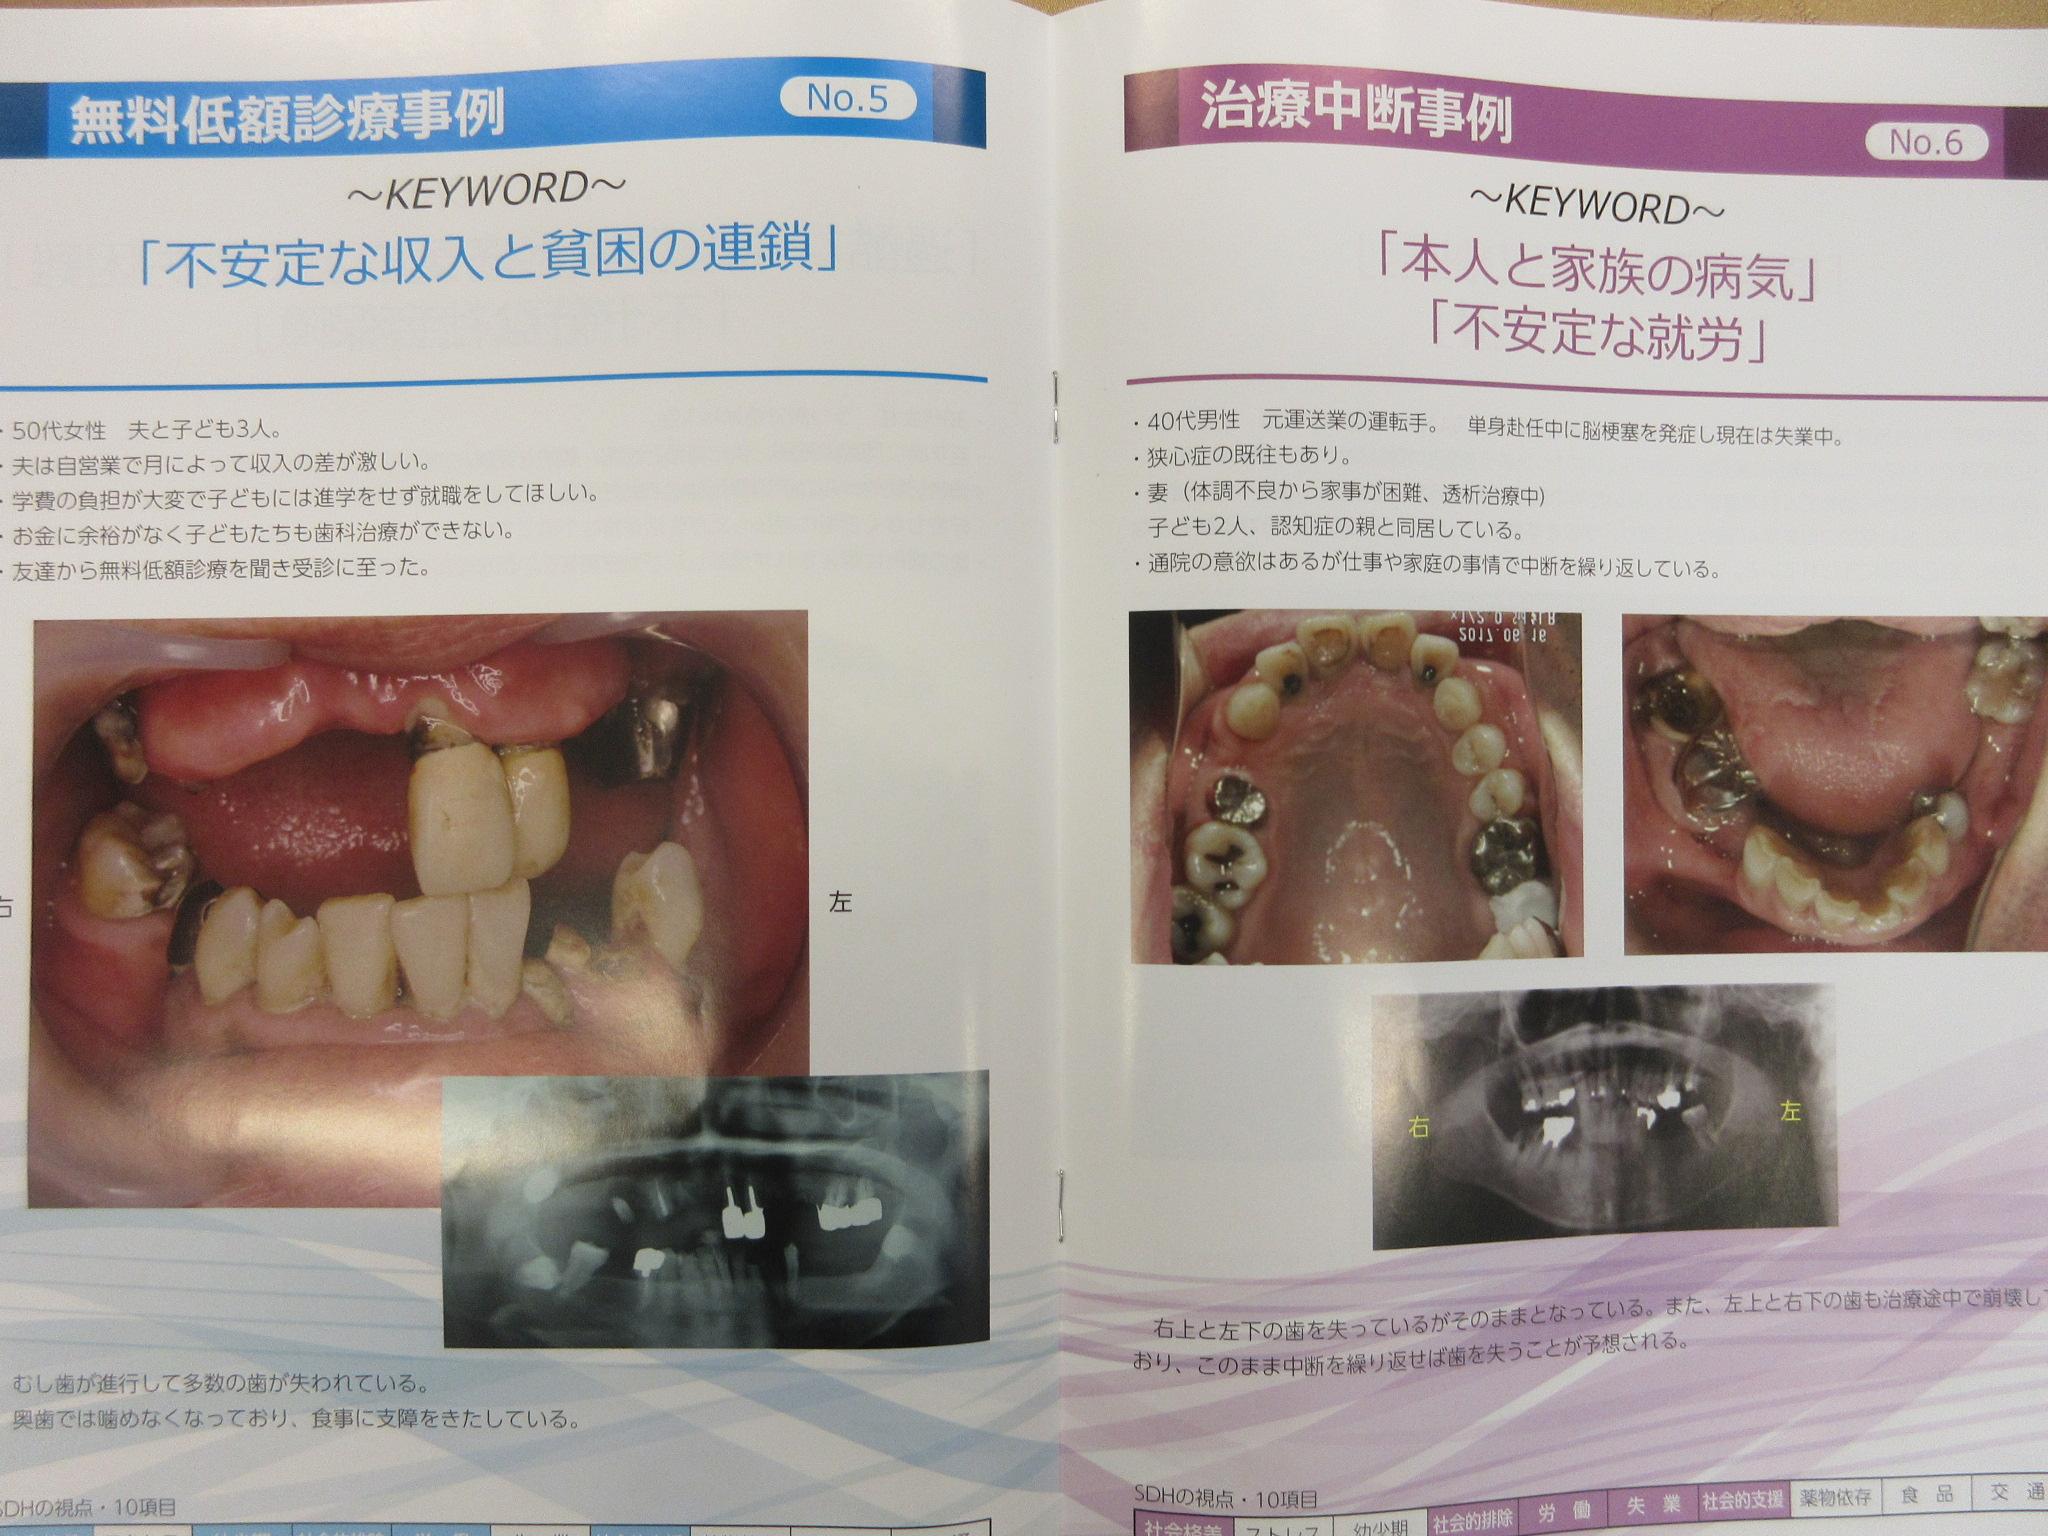 http://www.inoue-satoshi.com/diary/IMG_5275.JPG